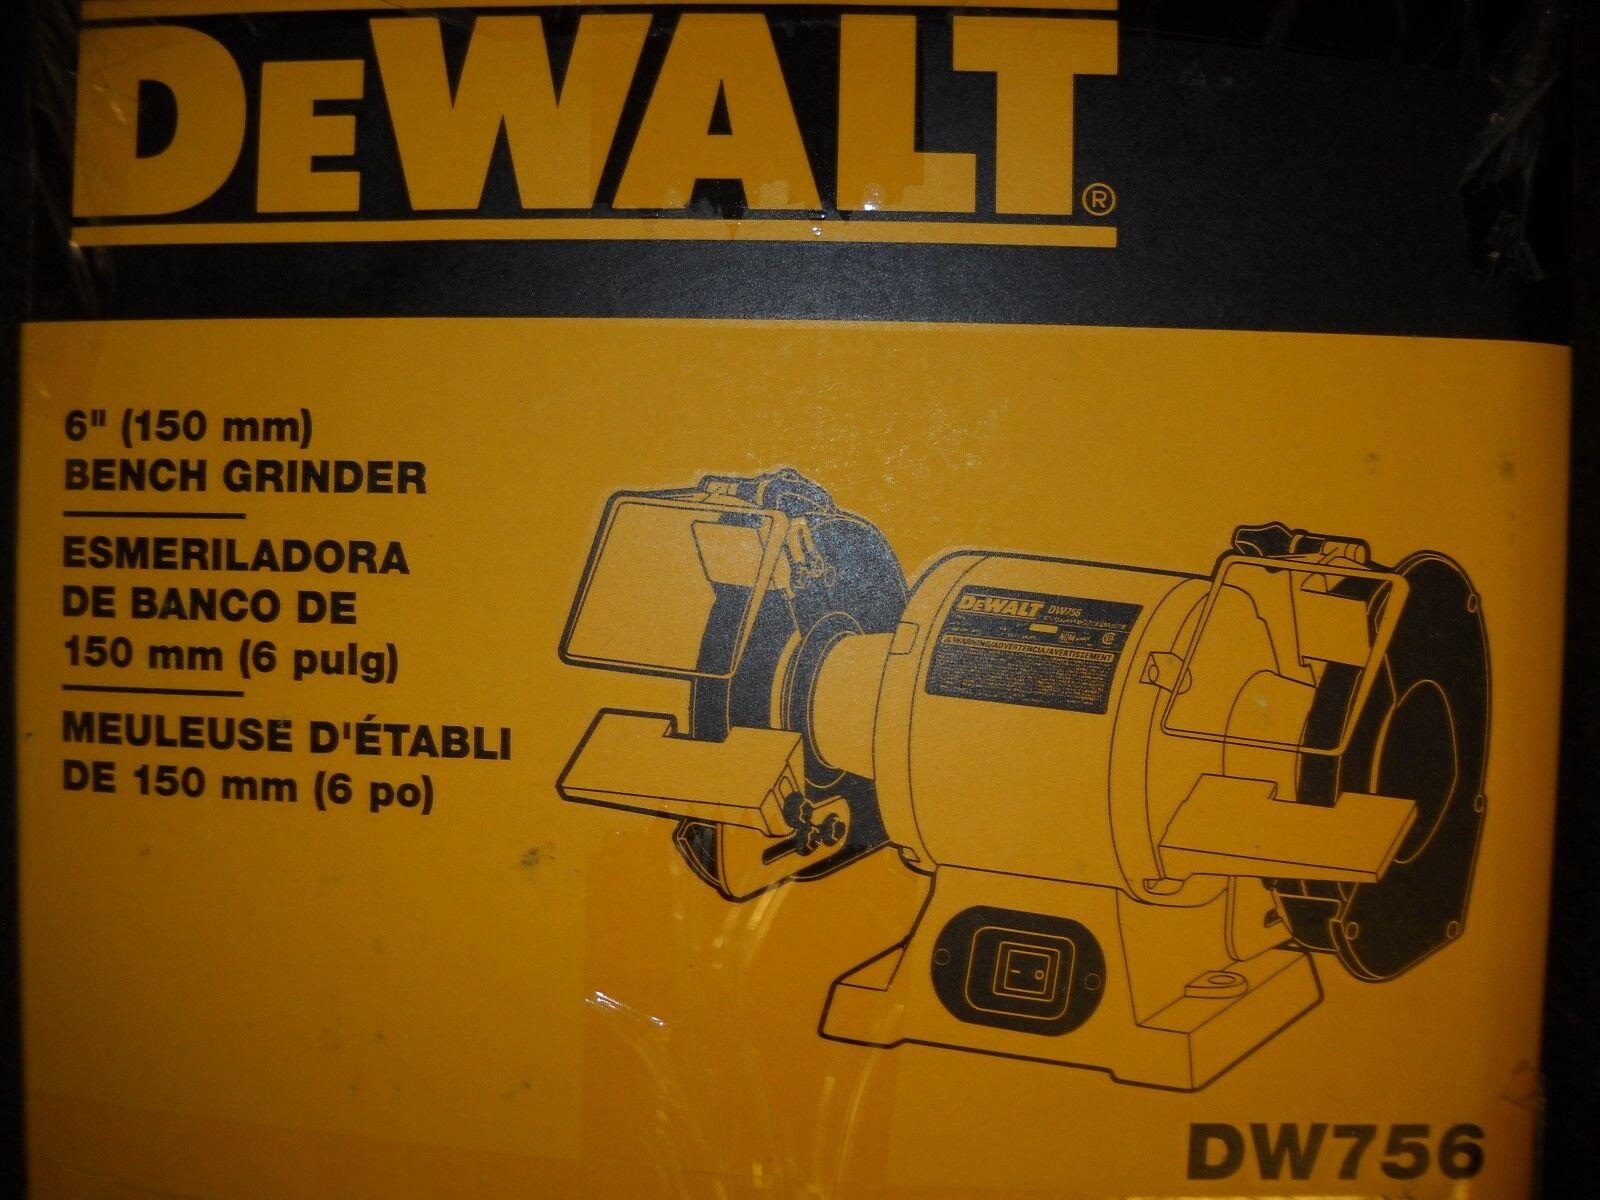 """DEWALT DW756 6"""" Bench Grinder 5/8 HP 3,450 rpm NEW"""